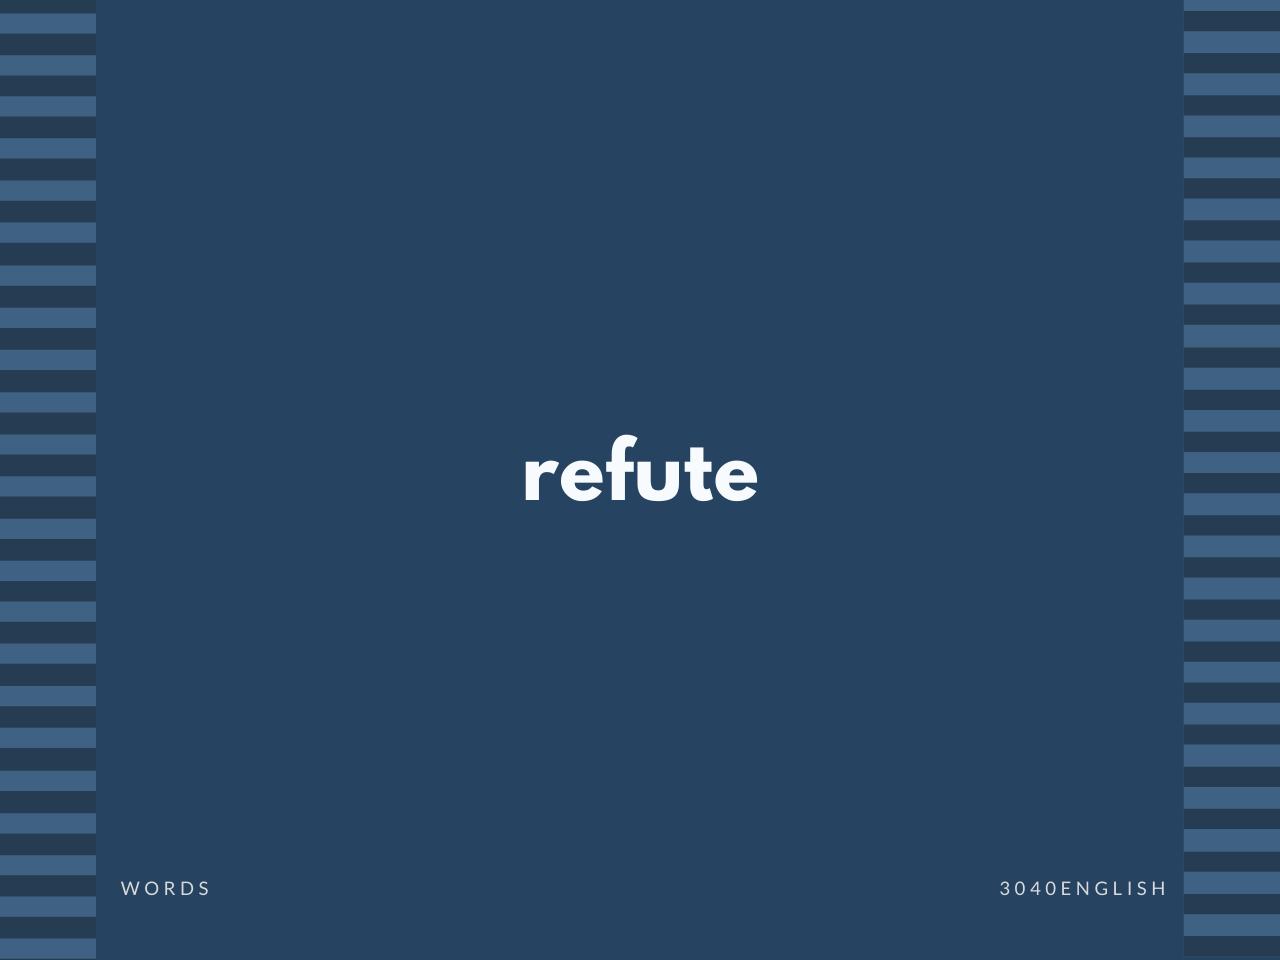 refute の意味と簡単な使い方【音読用例文あり】